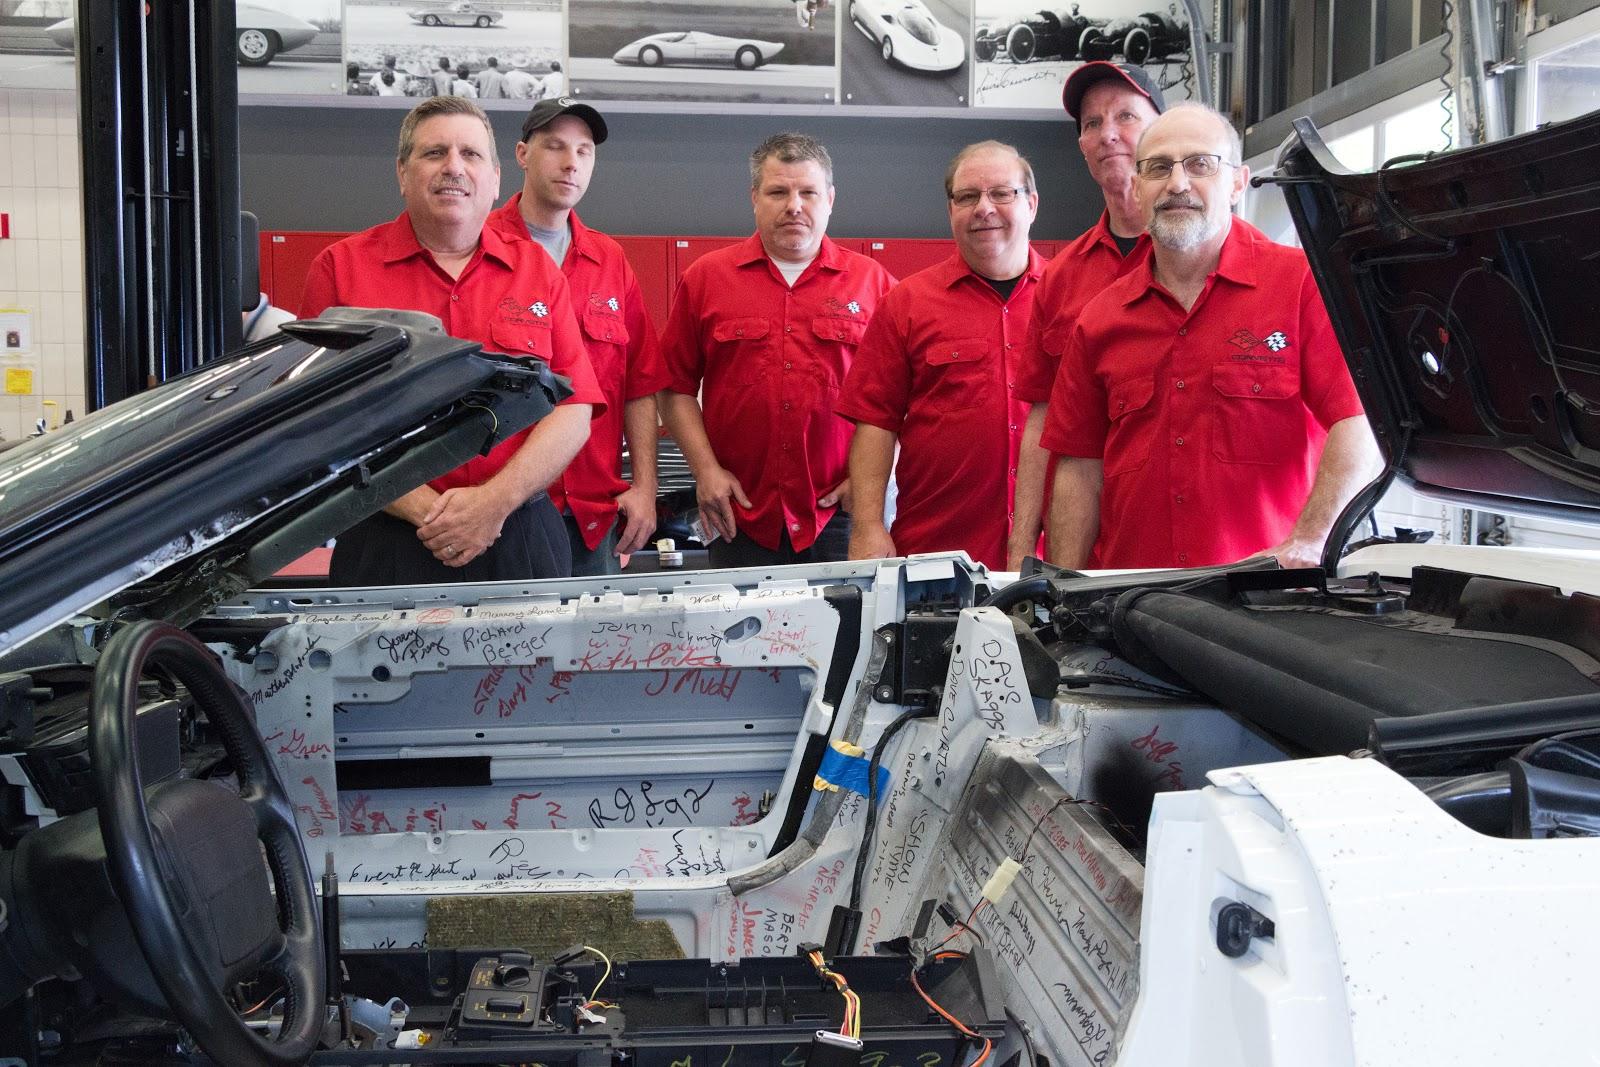 Sinkhole swallowed 1 millionth corvette restoration underway